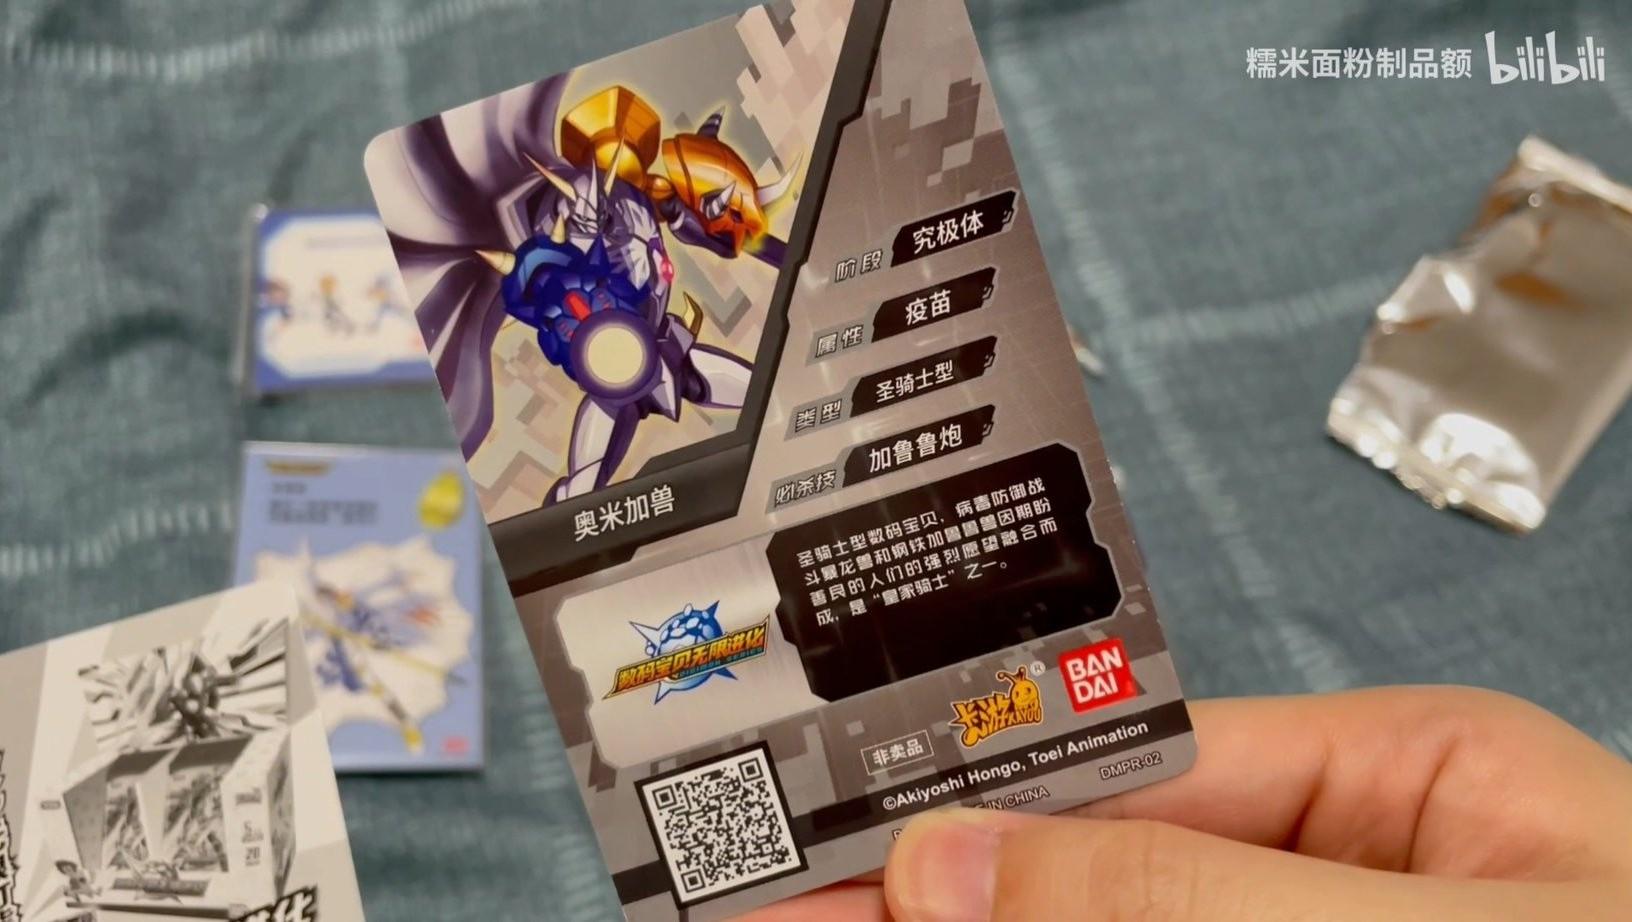 chinesecards12_september25_2021.jpg